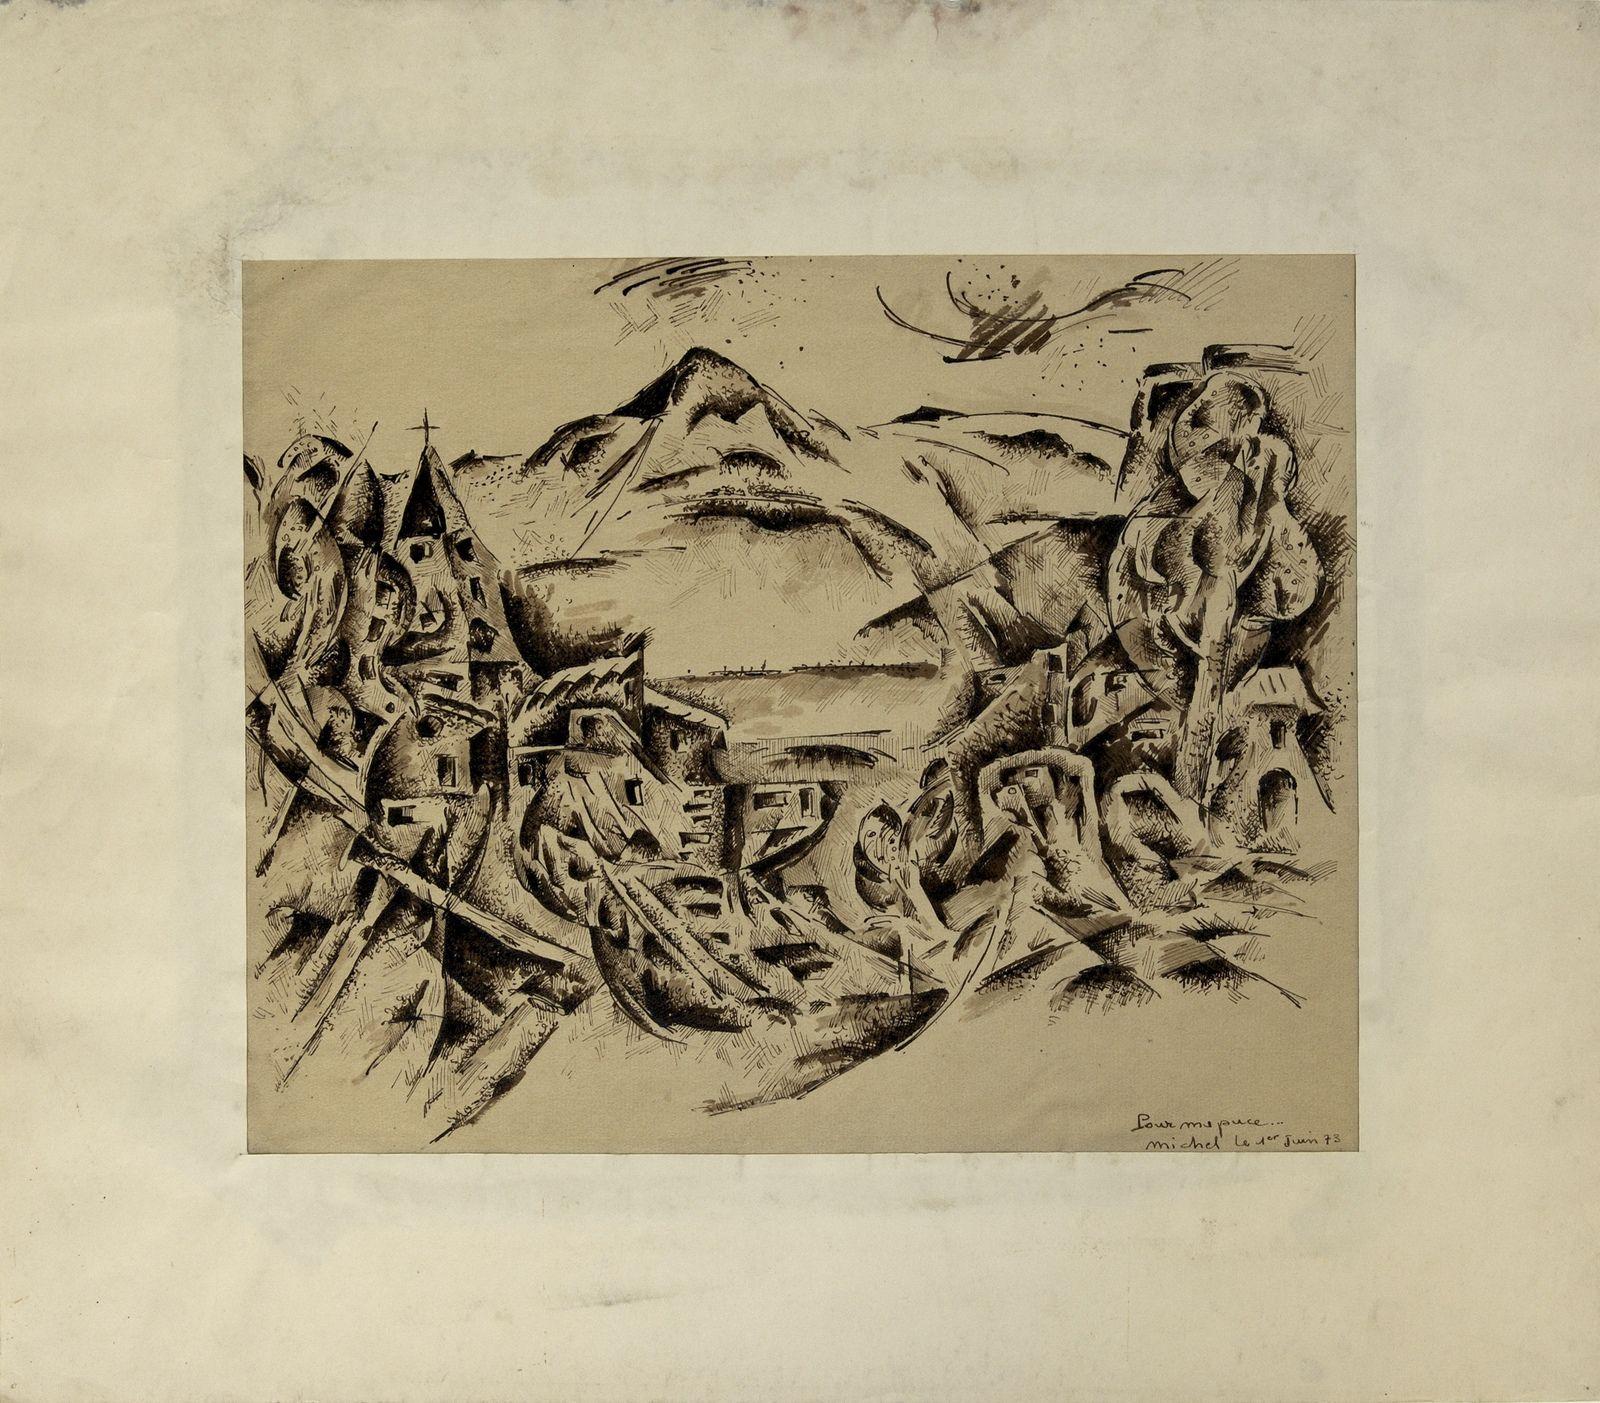 gravure de Michel Bories, artiste peintre, enfant du village, 1973, décédé à Cuba, le 19 septembre 2001